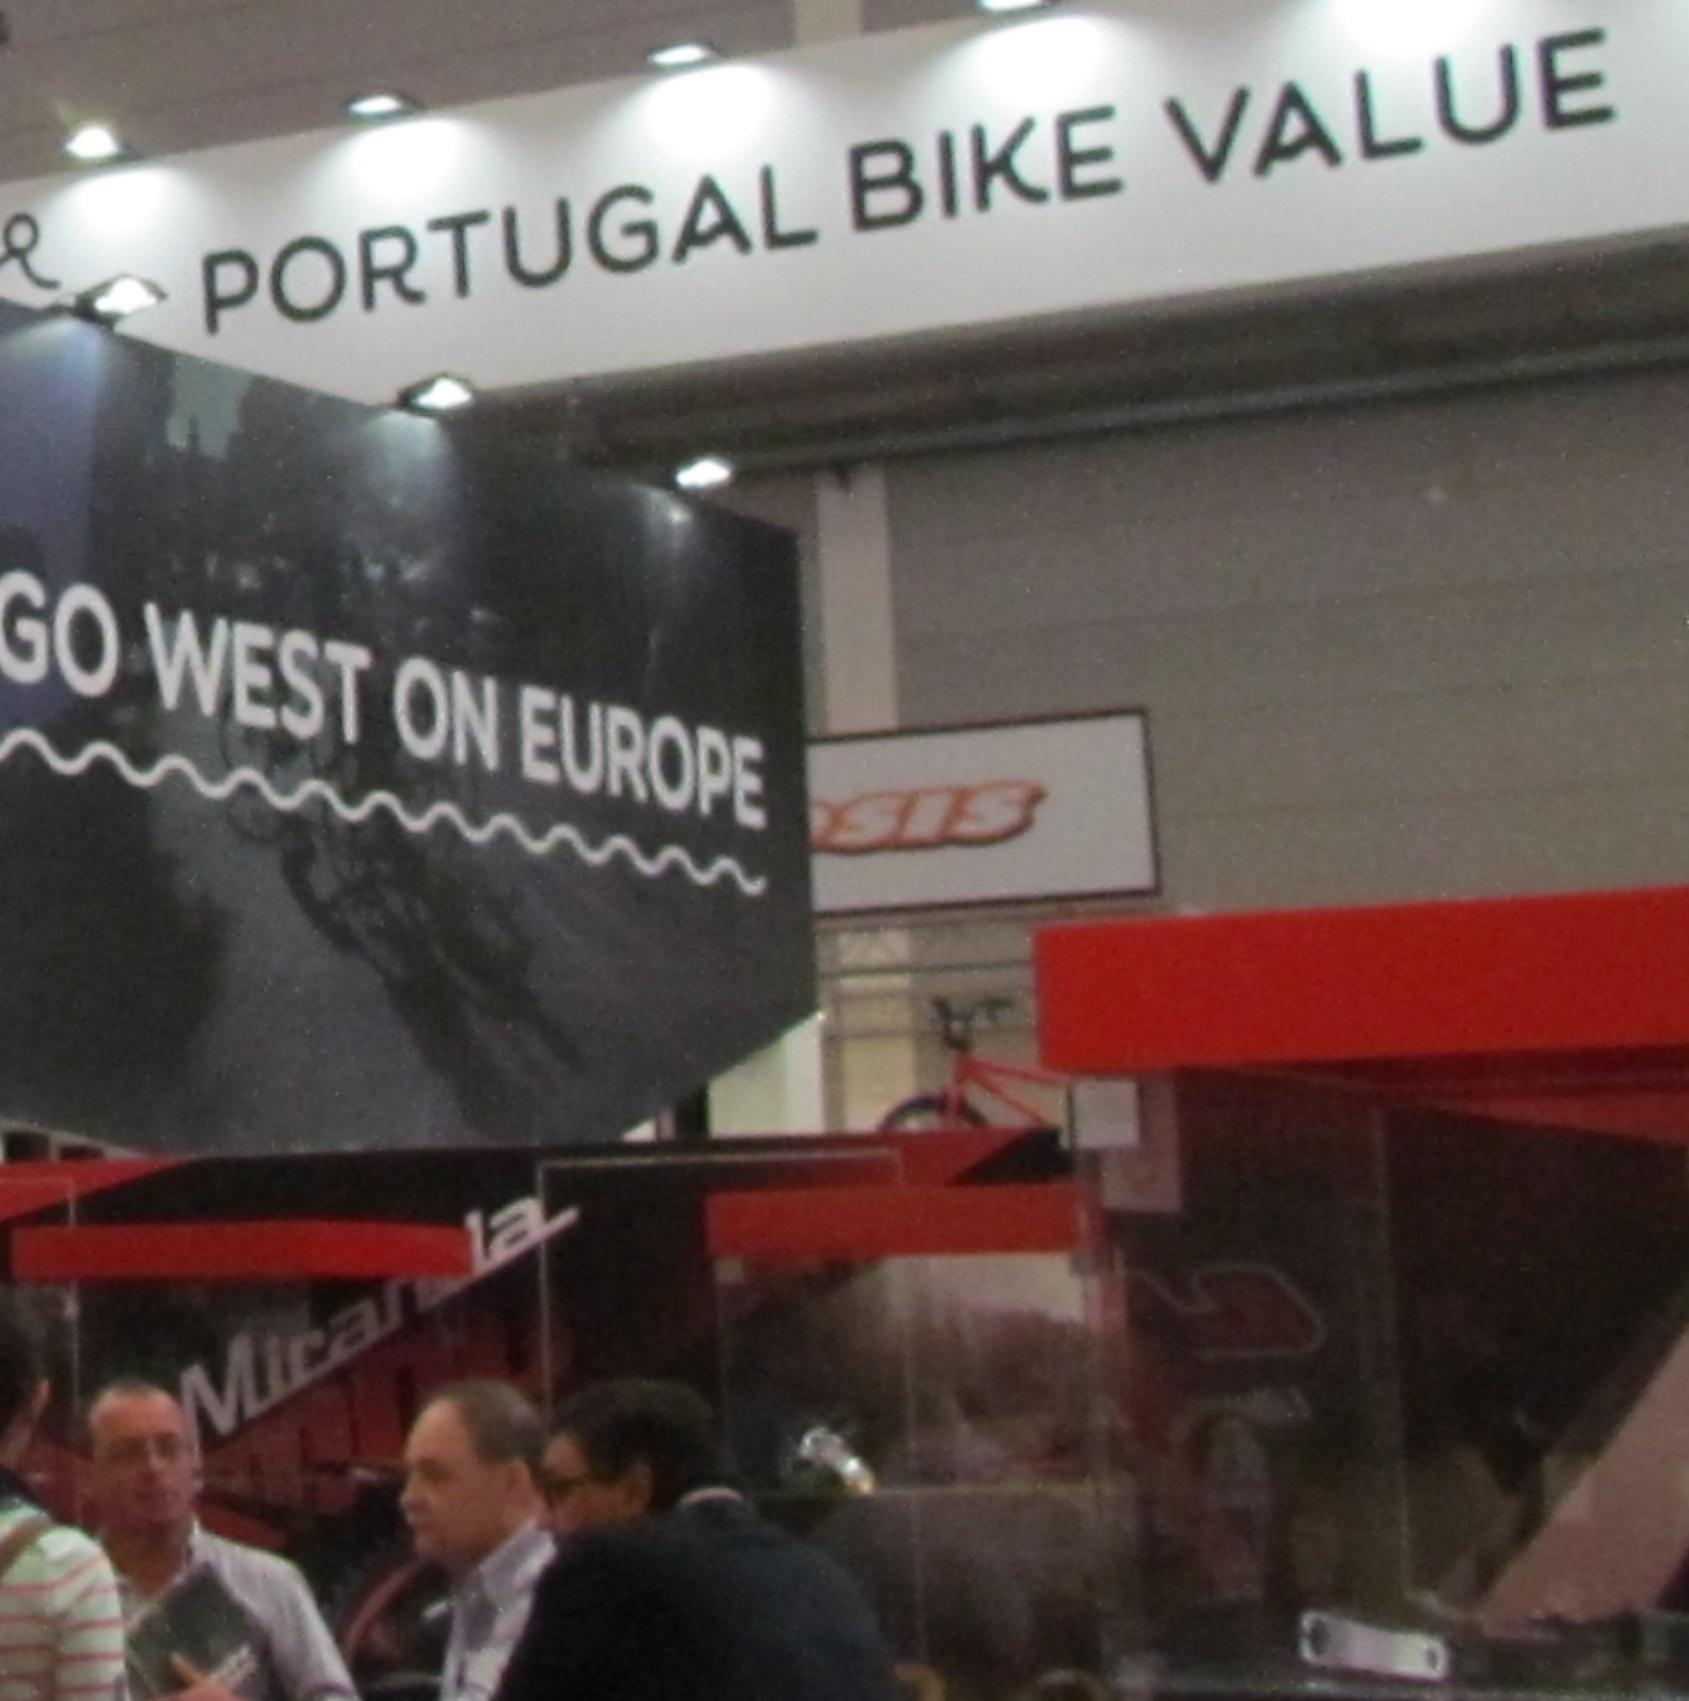 Bike Value Portugal Update